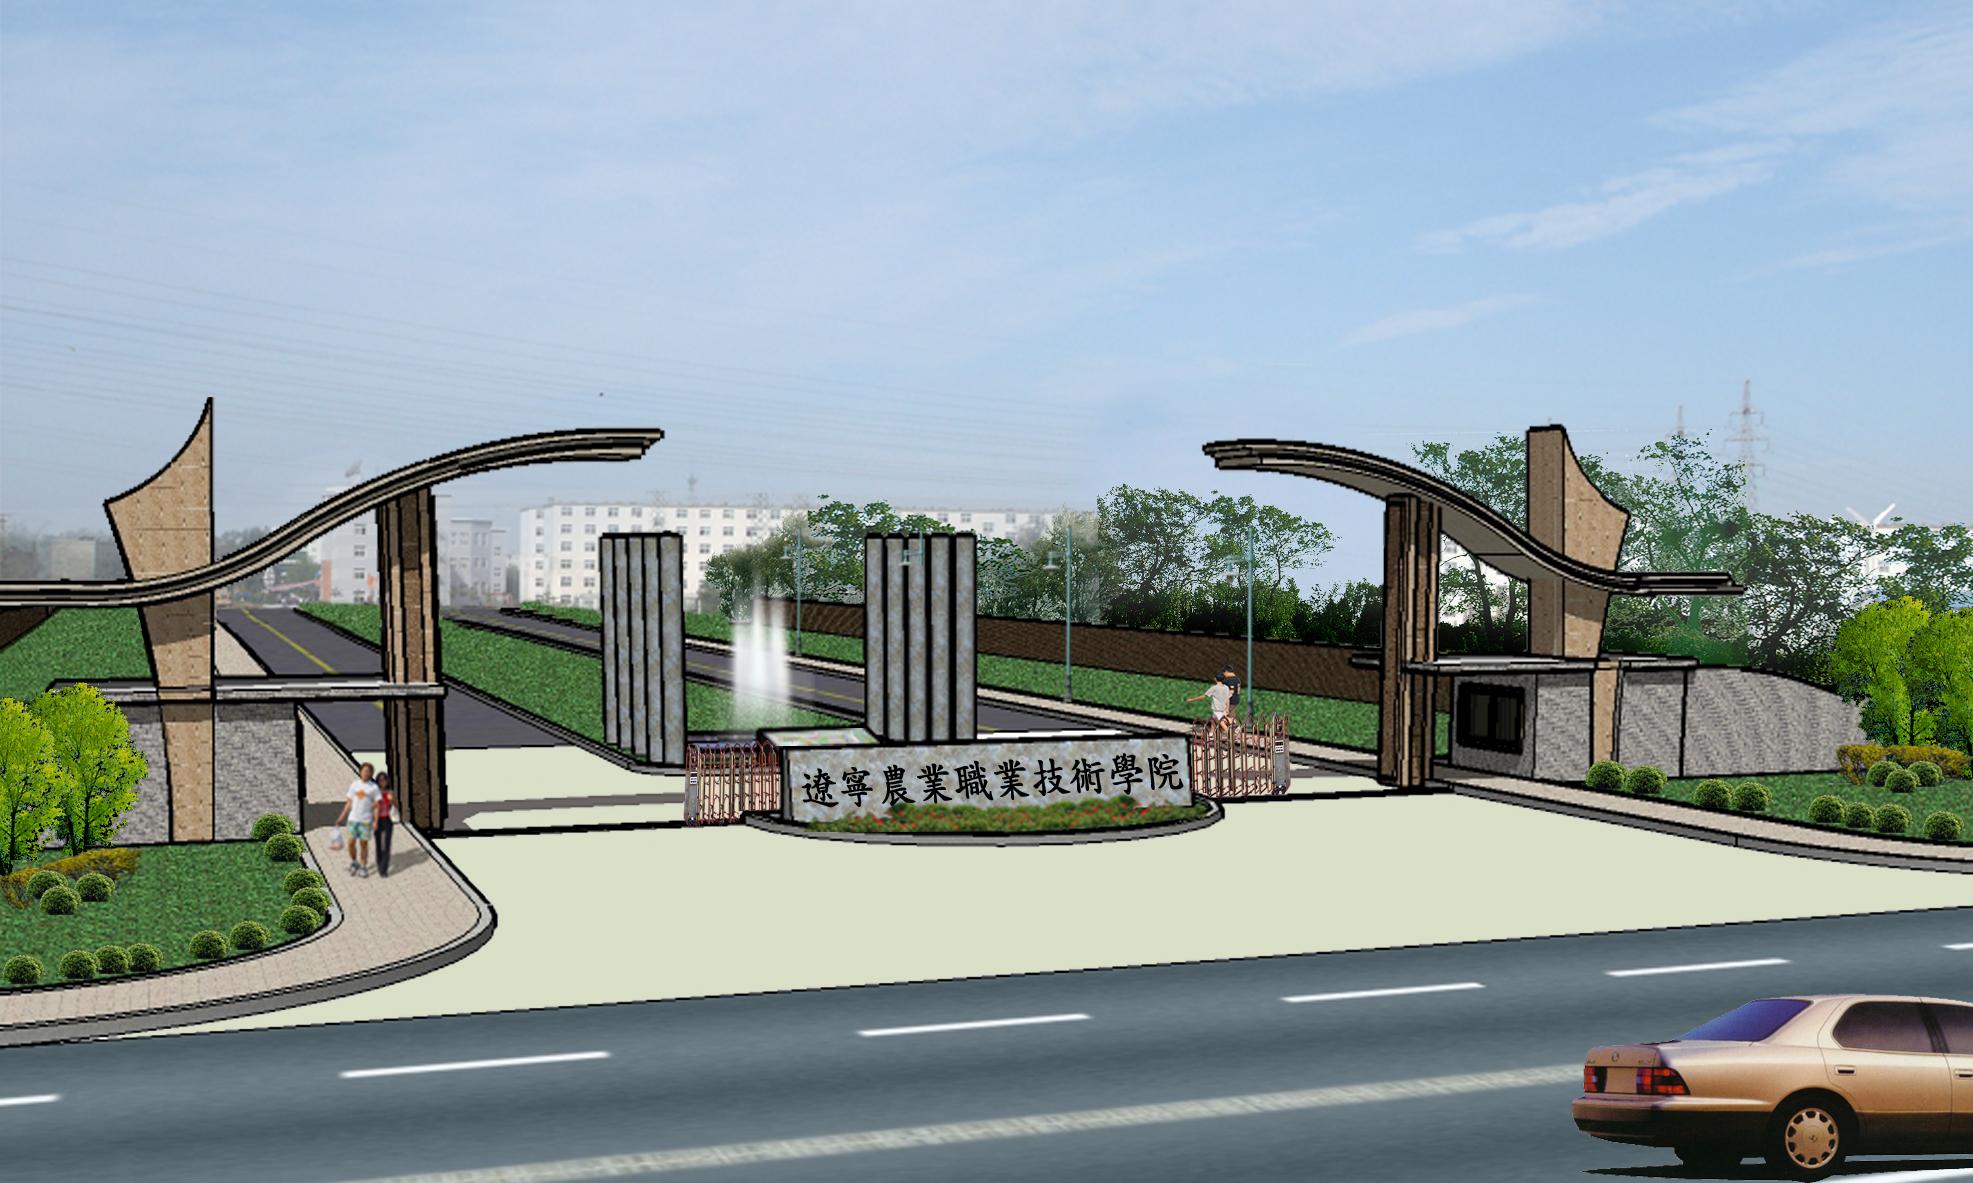 小区cad平面图下载)  围墙大门设计图(围墙设计图)  学校大门设计方案